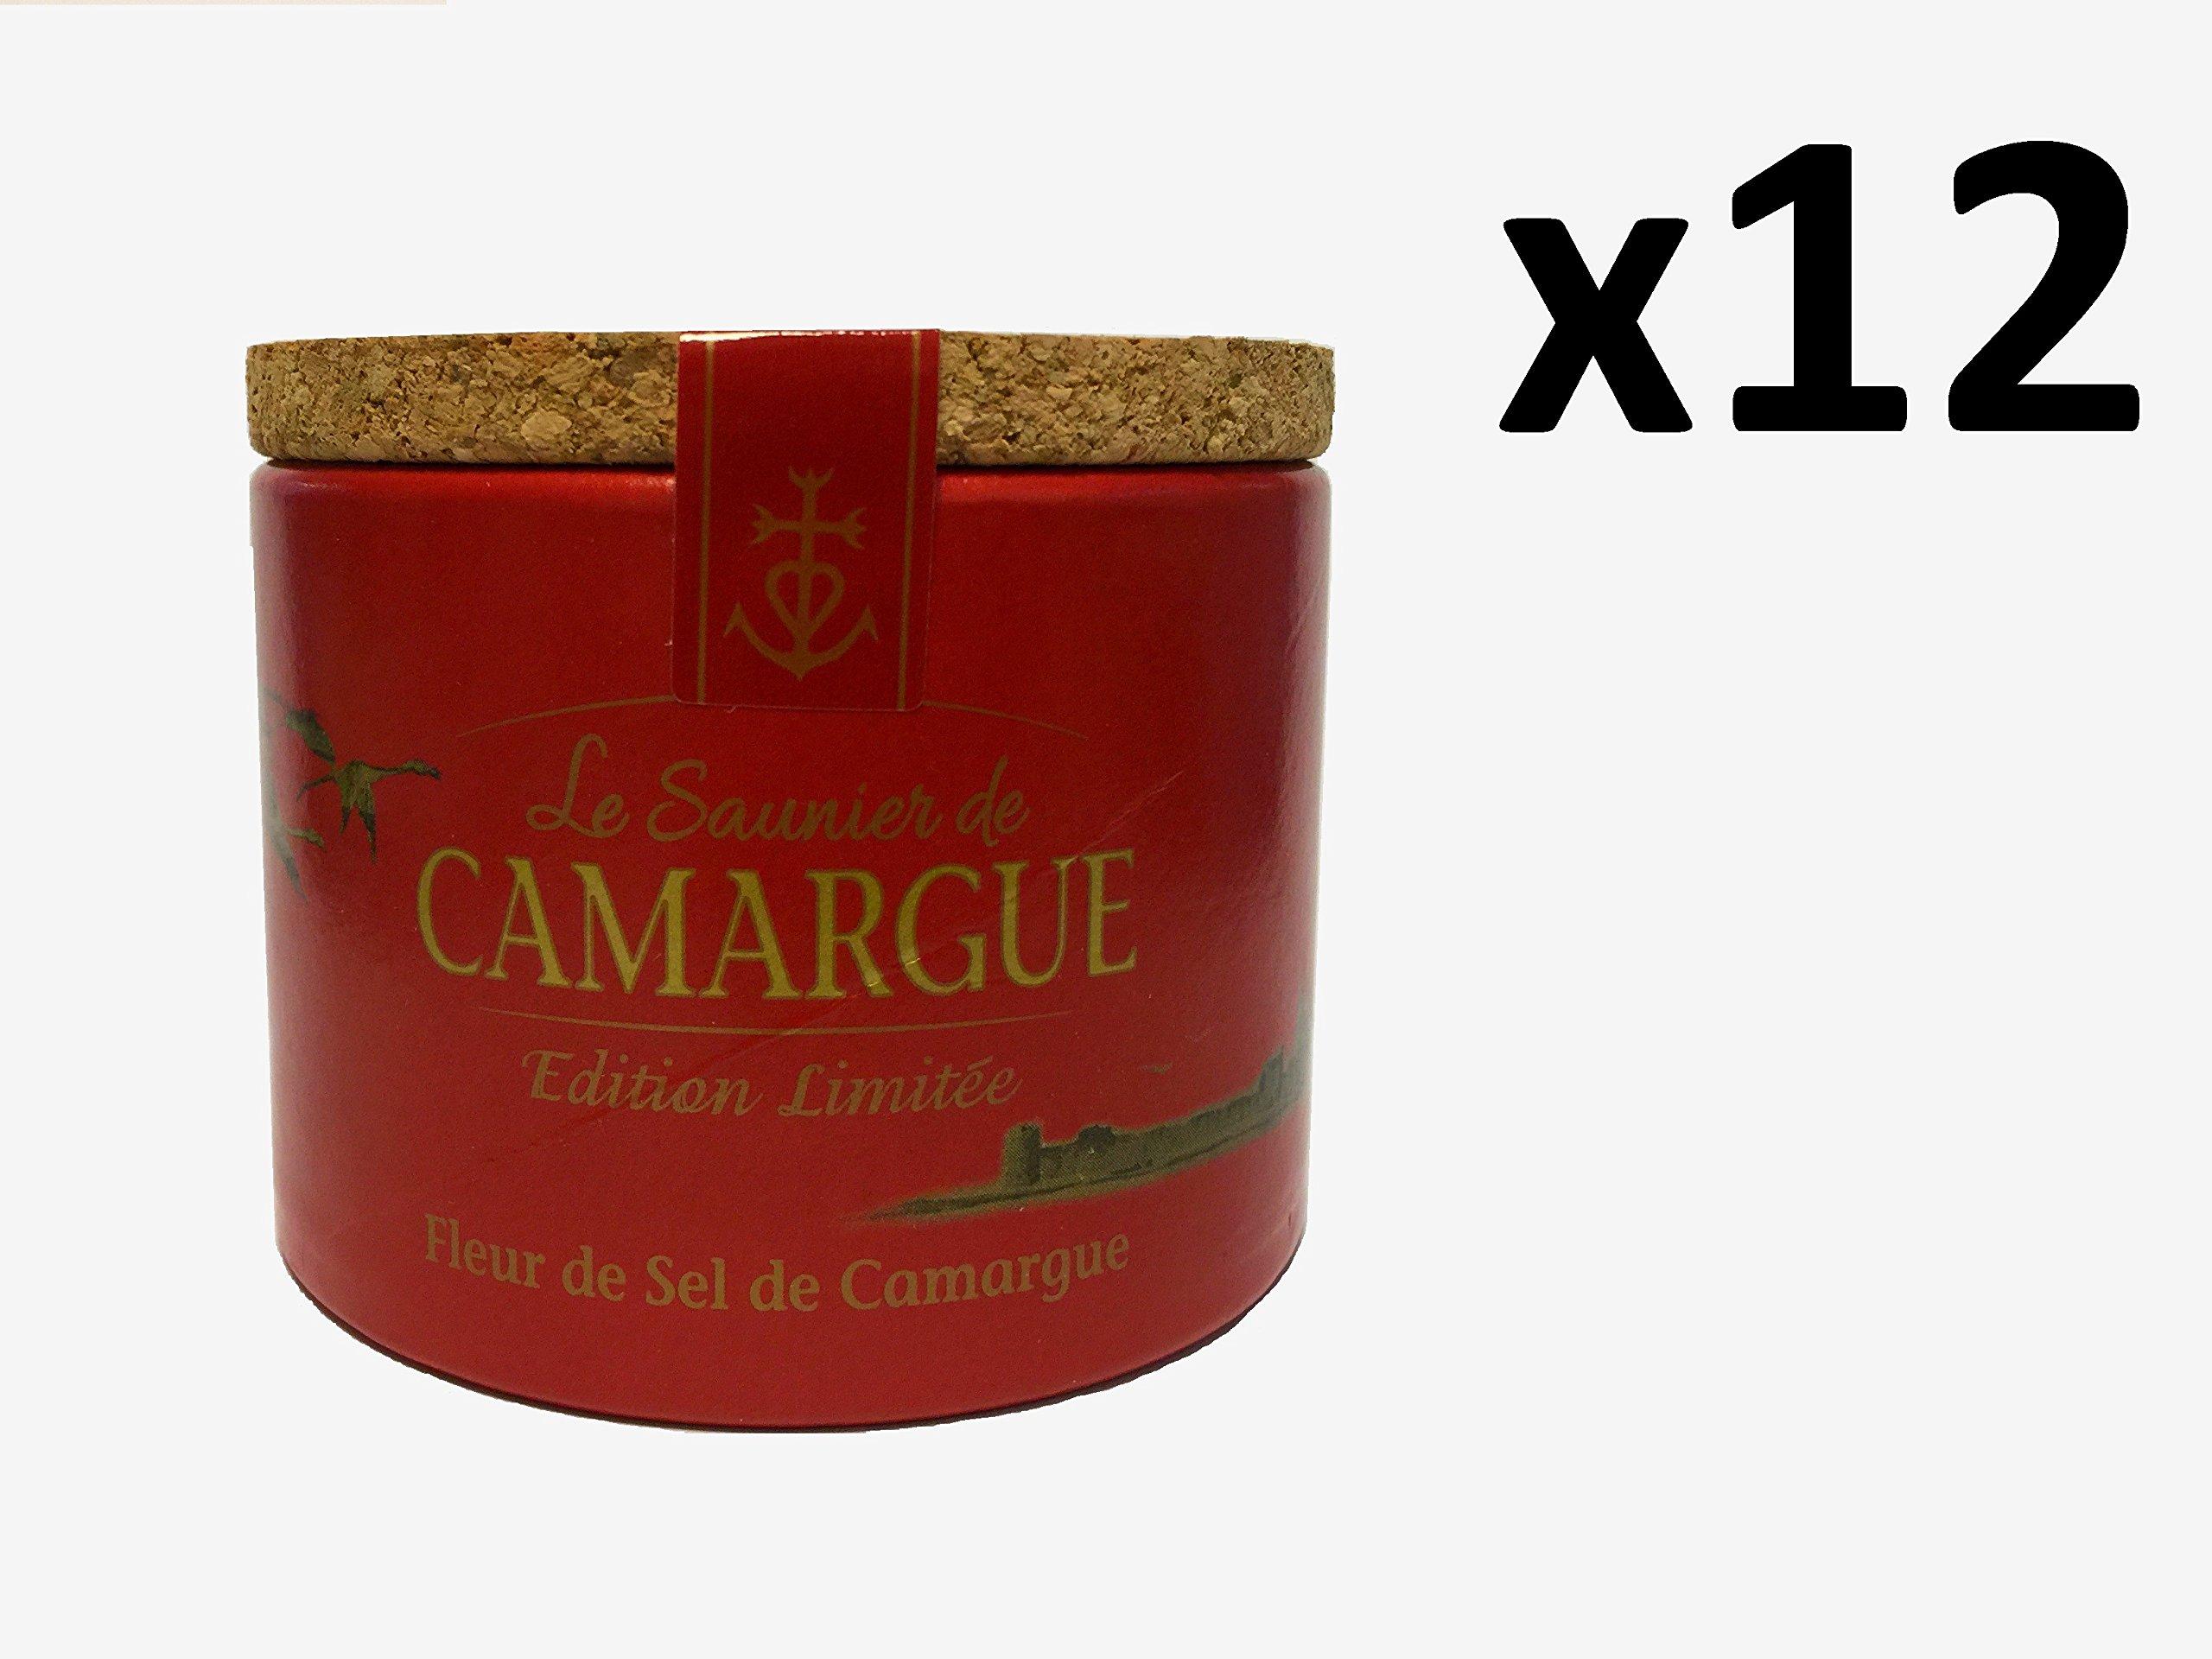 Le Saunier De Camargue Special Edition Fleur De Sel Sea Salt (x12)